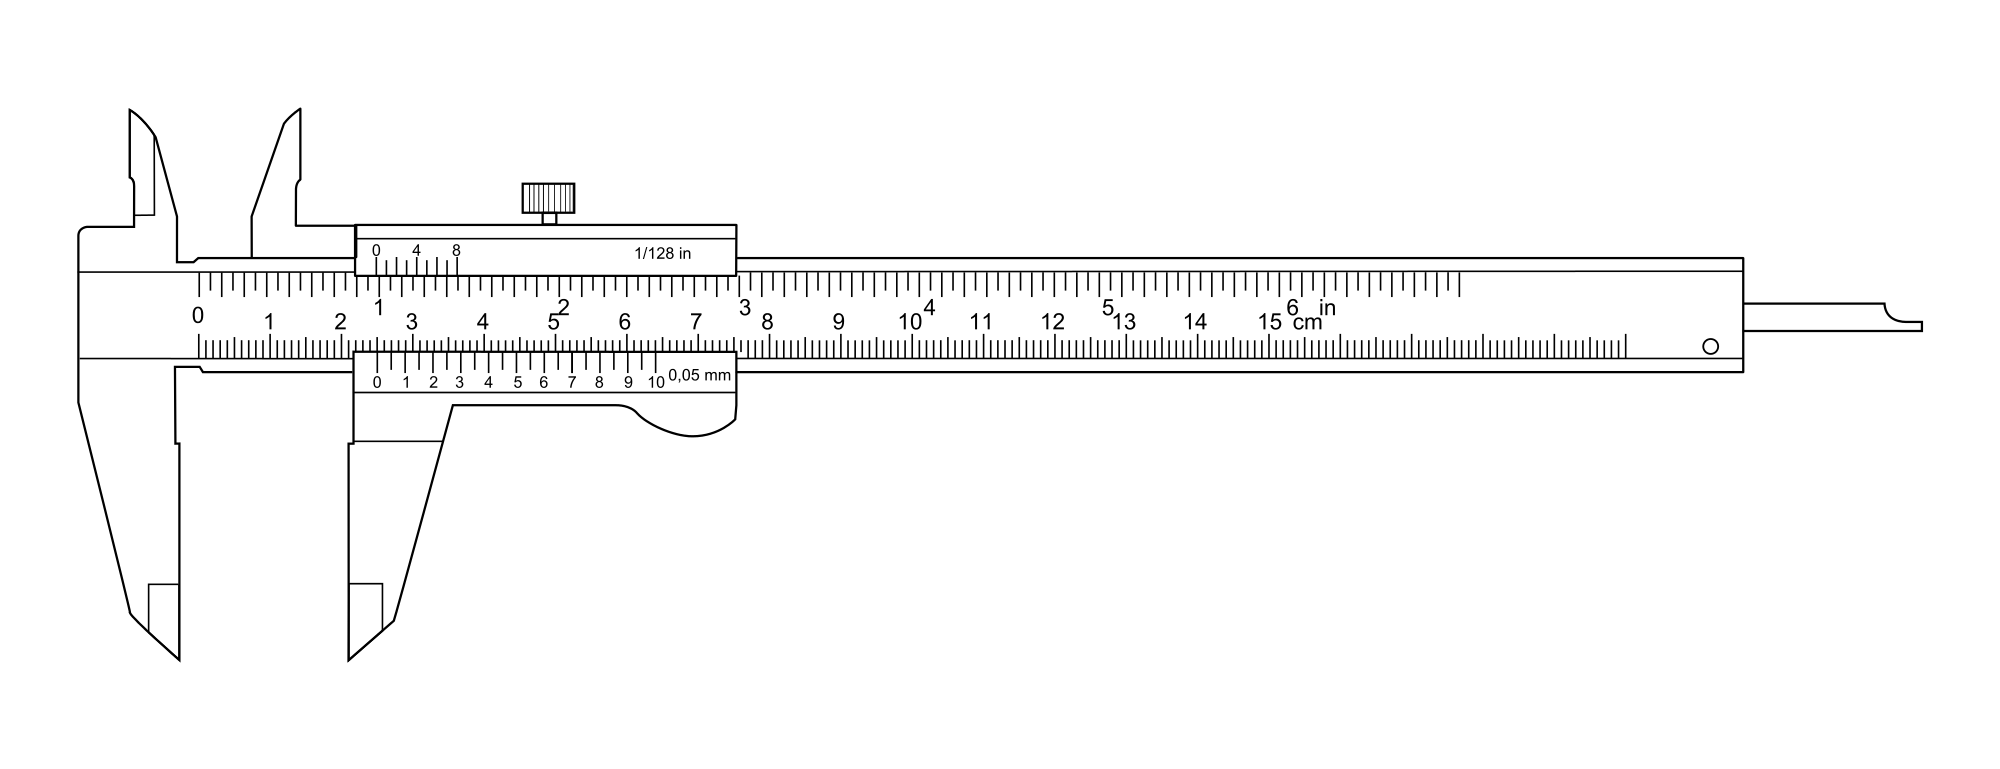 medium resolution of vernier caliper drawing